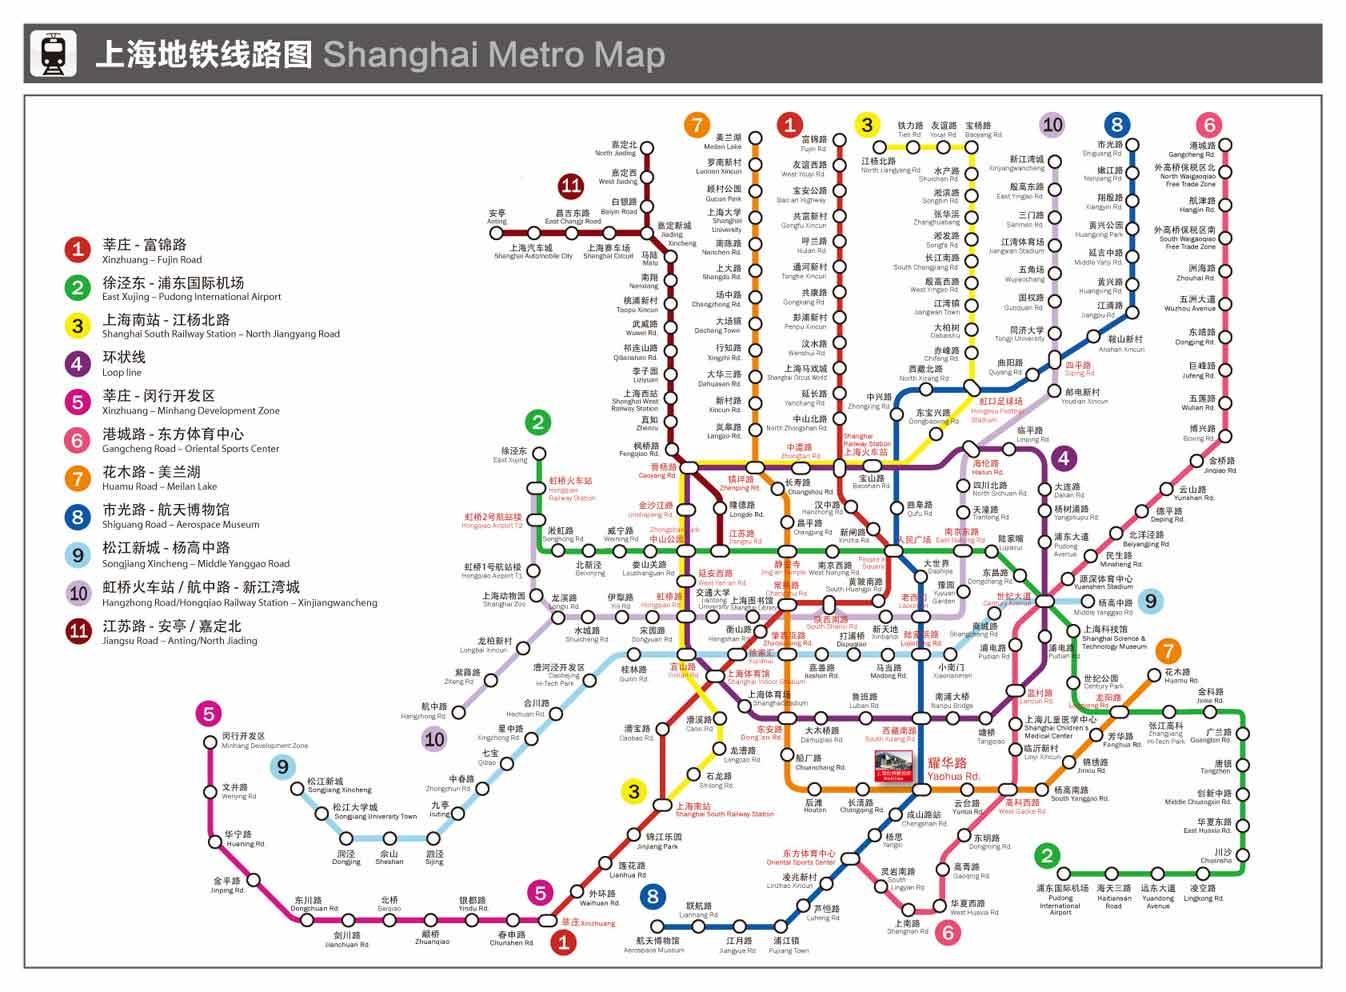 途径站:徐泾东站—虹桥火车站站—虹桥2号航站楼站